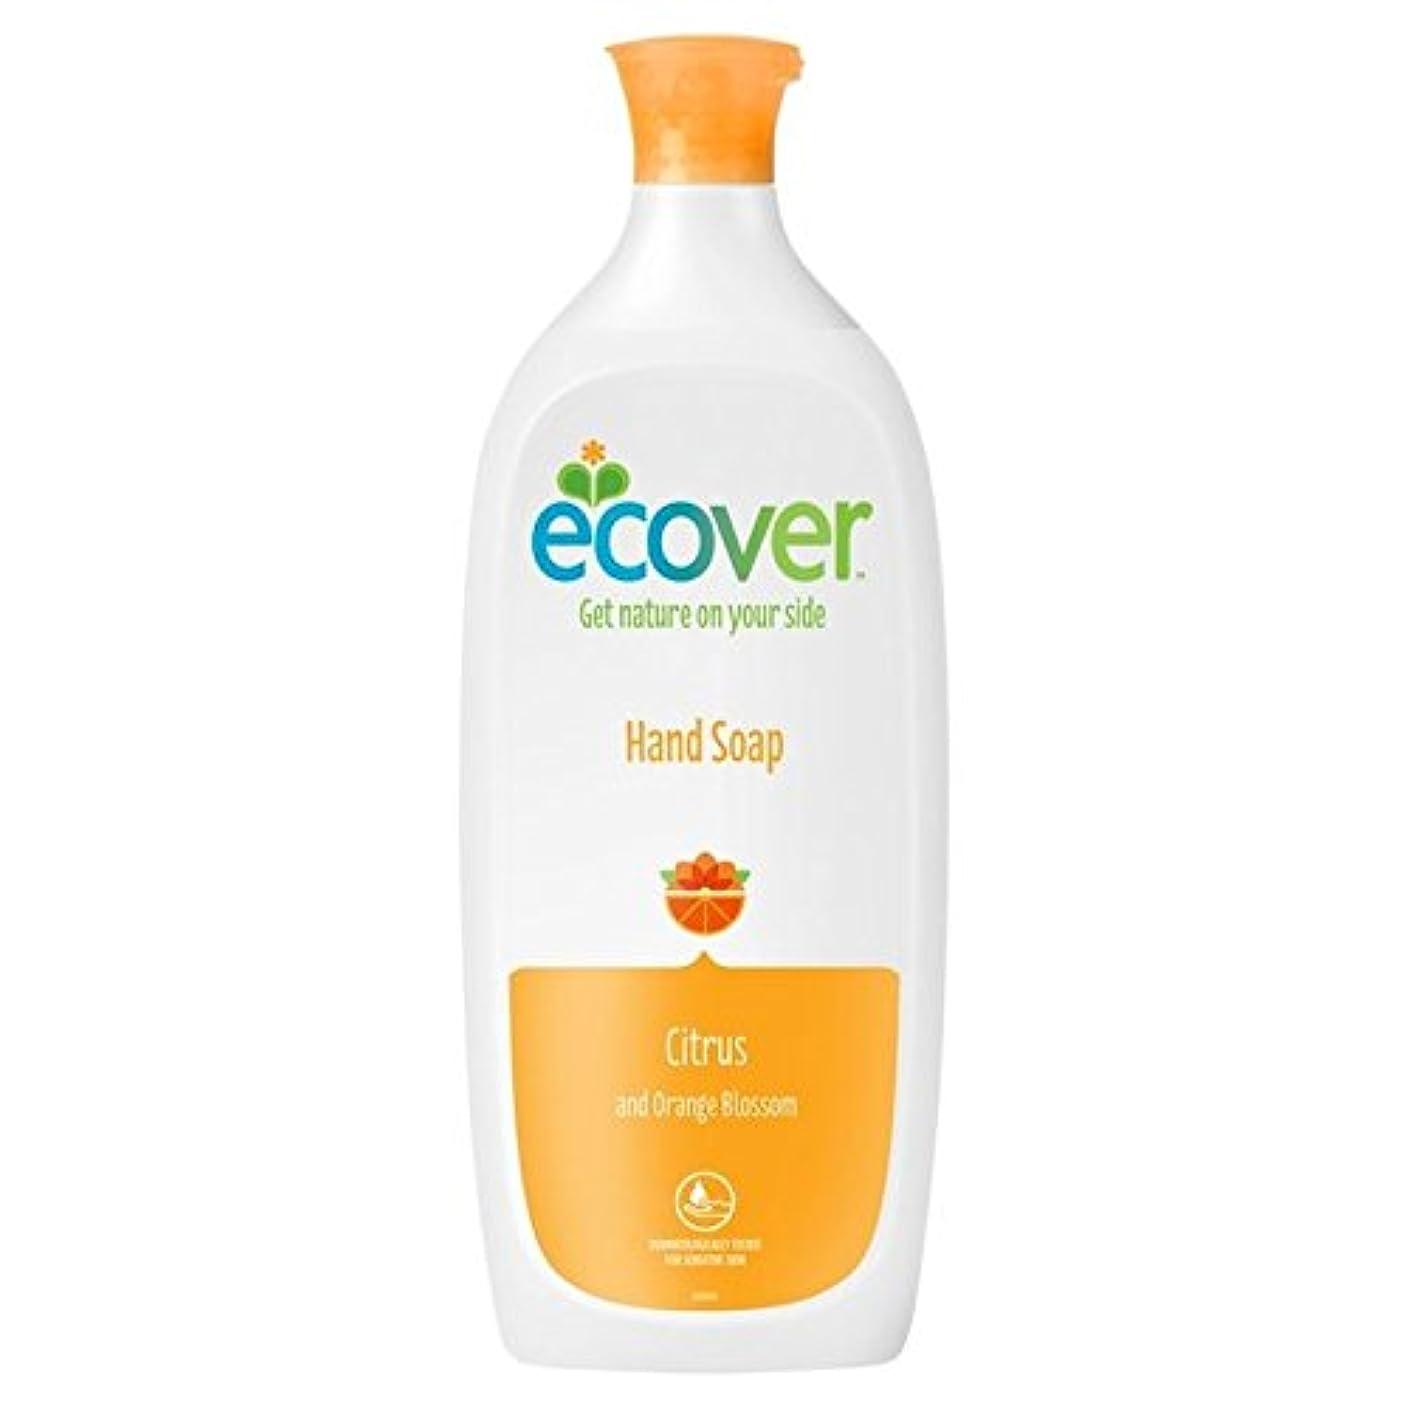 繰り返し一次タヒチEcover Liquid Soap Citrus & Orange Blossom Refill 1L (Pack of 6) - エコベール液体石鹸シトラス&オレンジの花のリフィル1リットル x6 [並行輸入品]